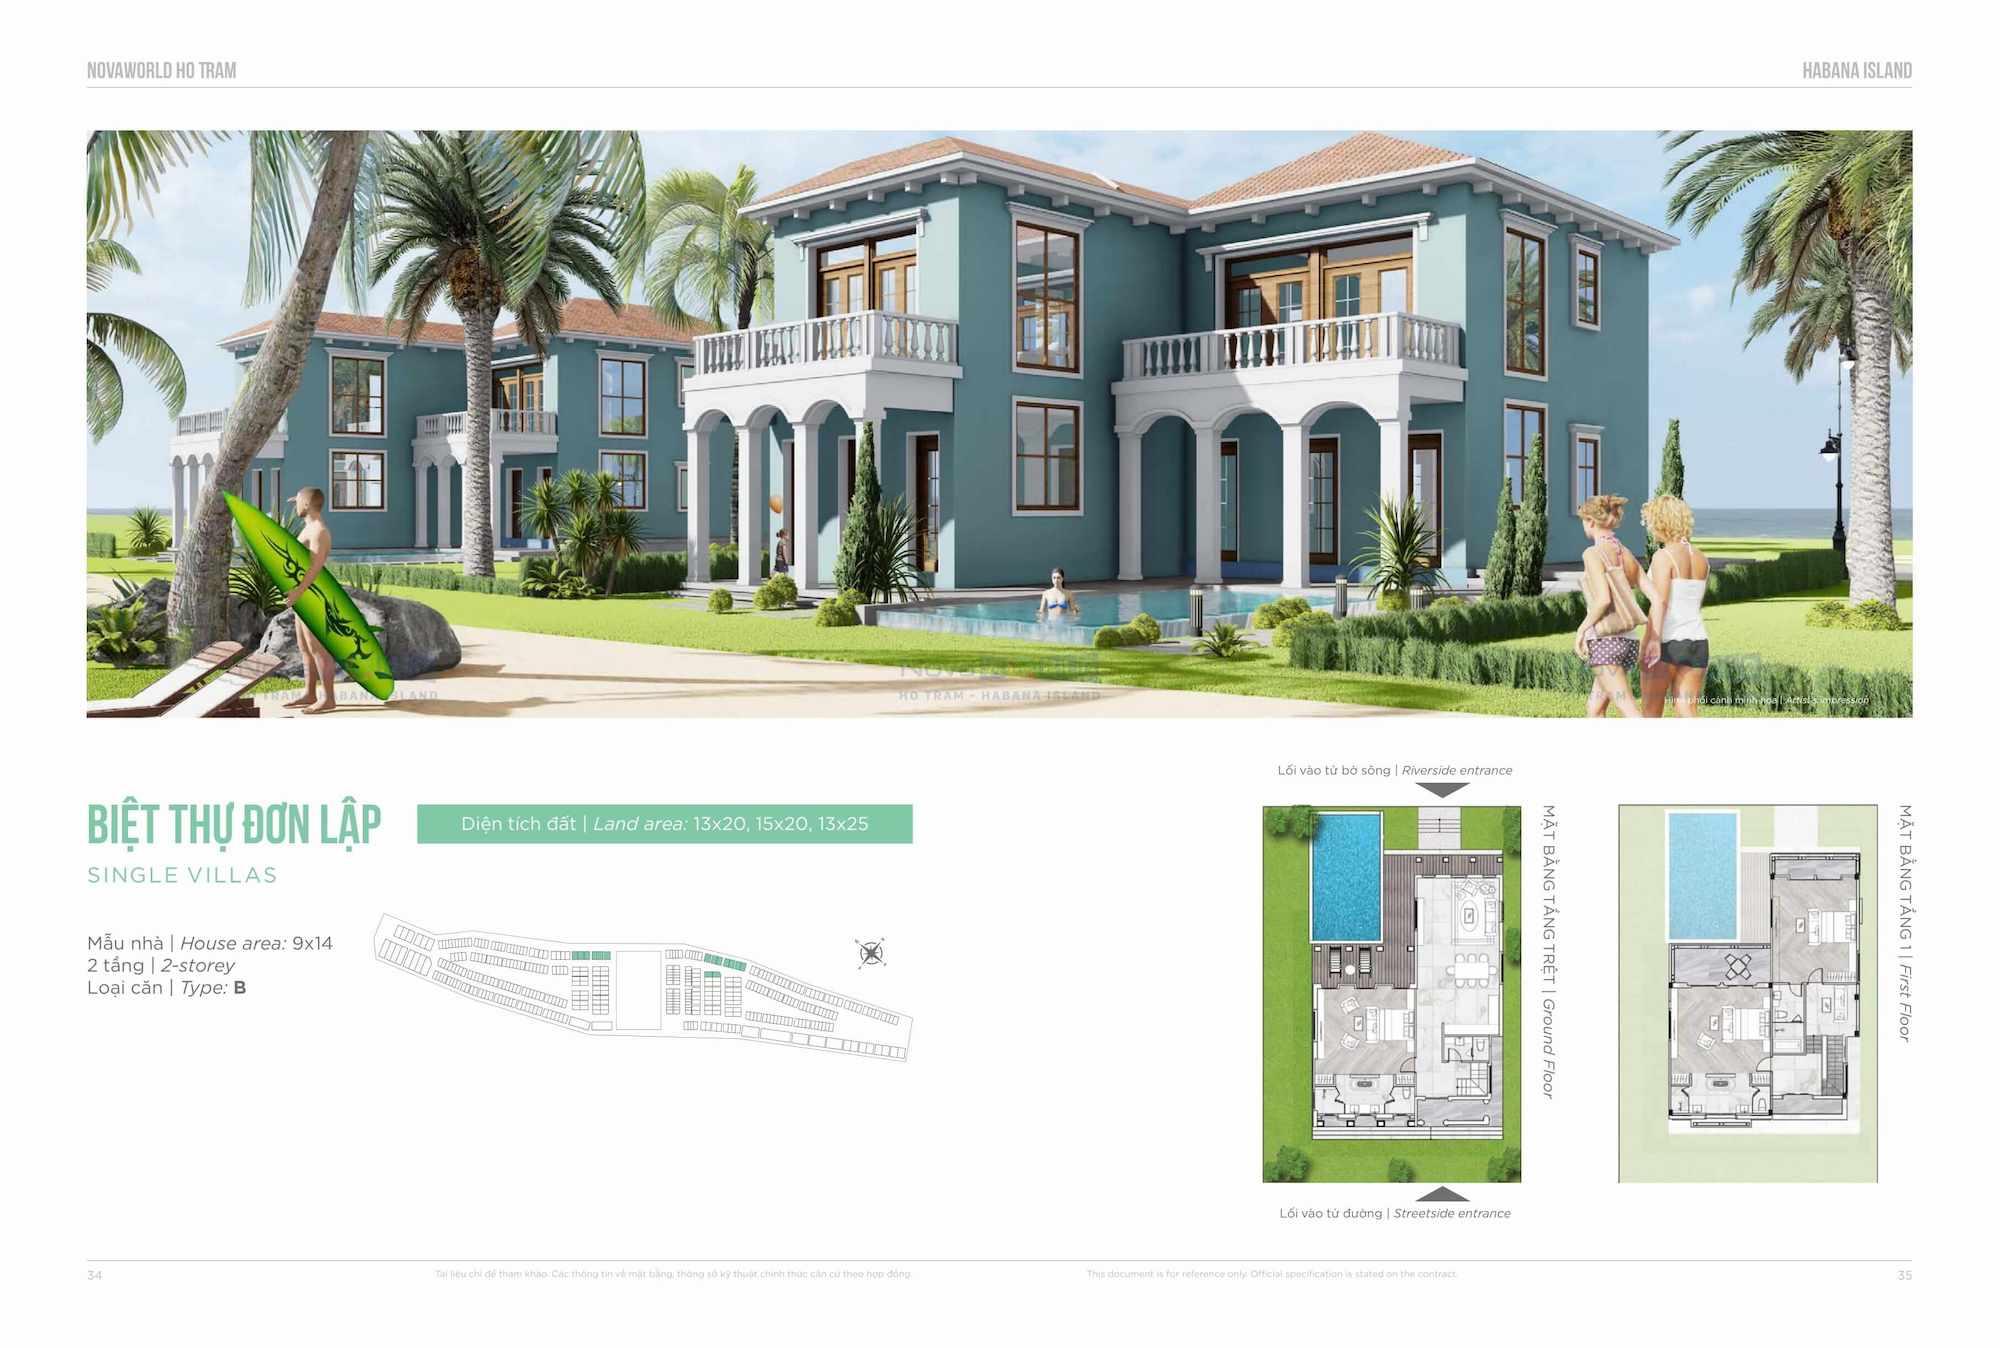 Thiết kế Biệt thự đơn lập Habana Island NovaWorld Ho Tram